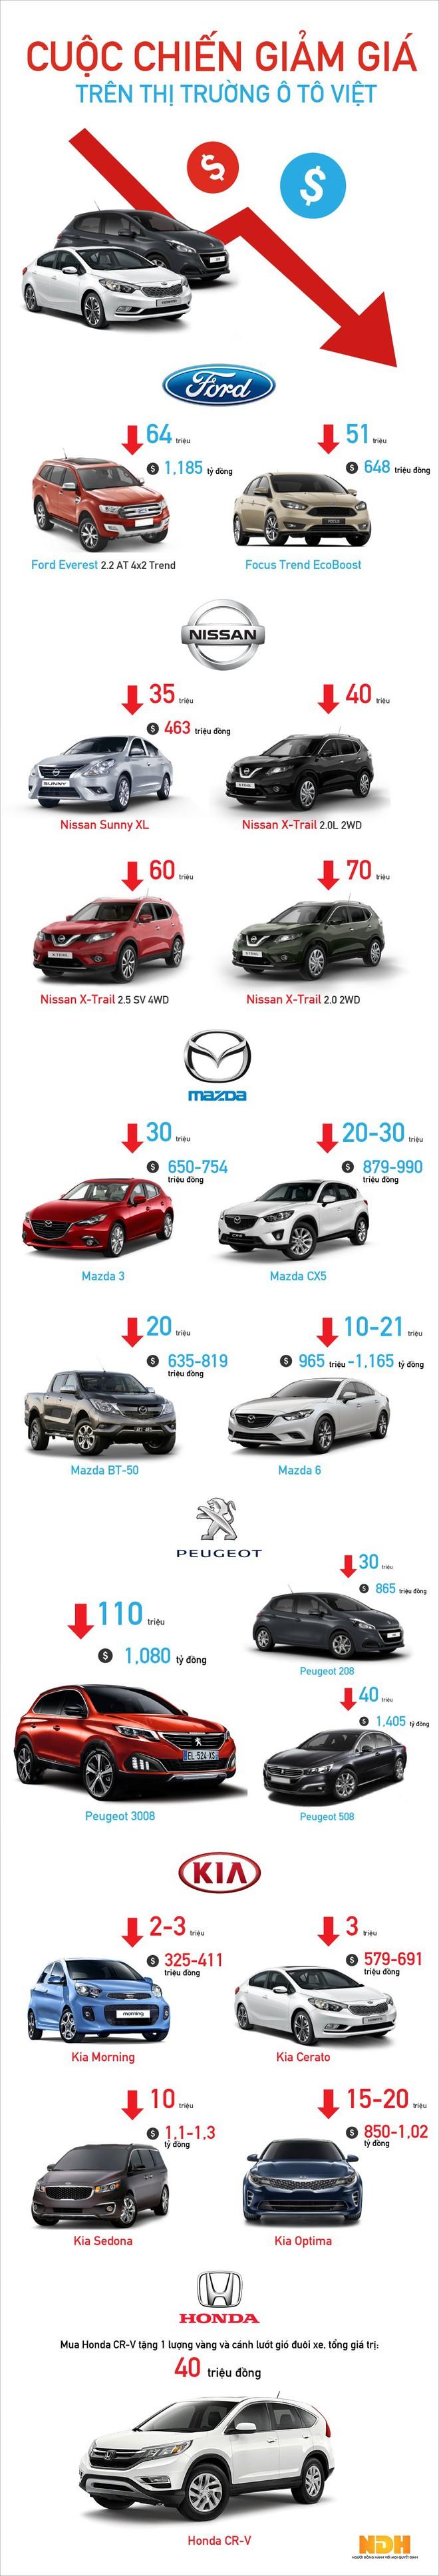 Cuộc chiến giảm giá trên thị trường ô tô Việt - Ảnh 1.